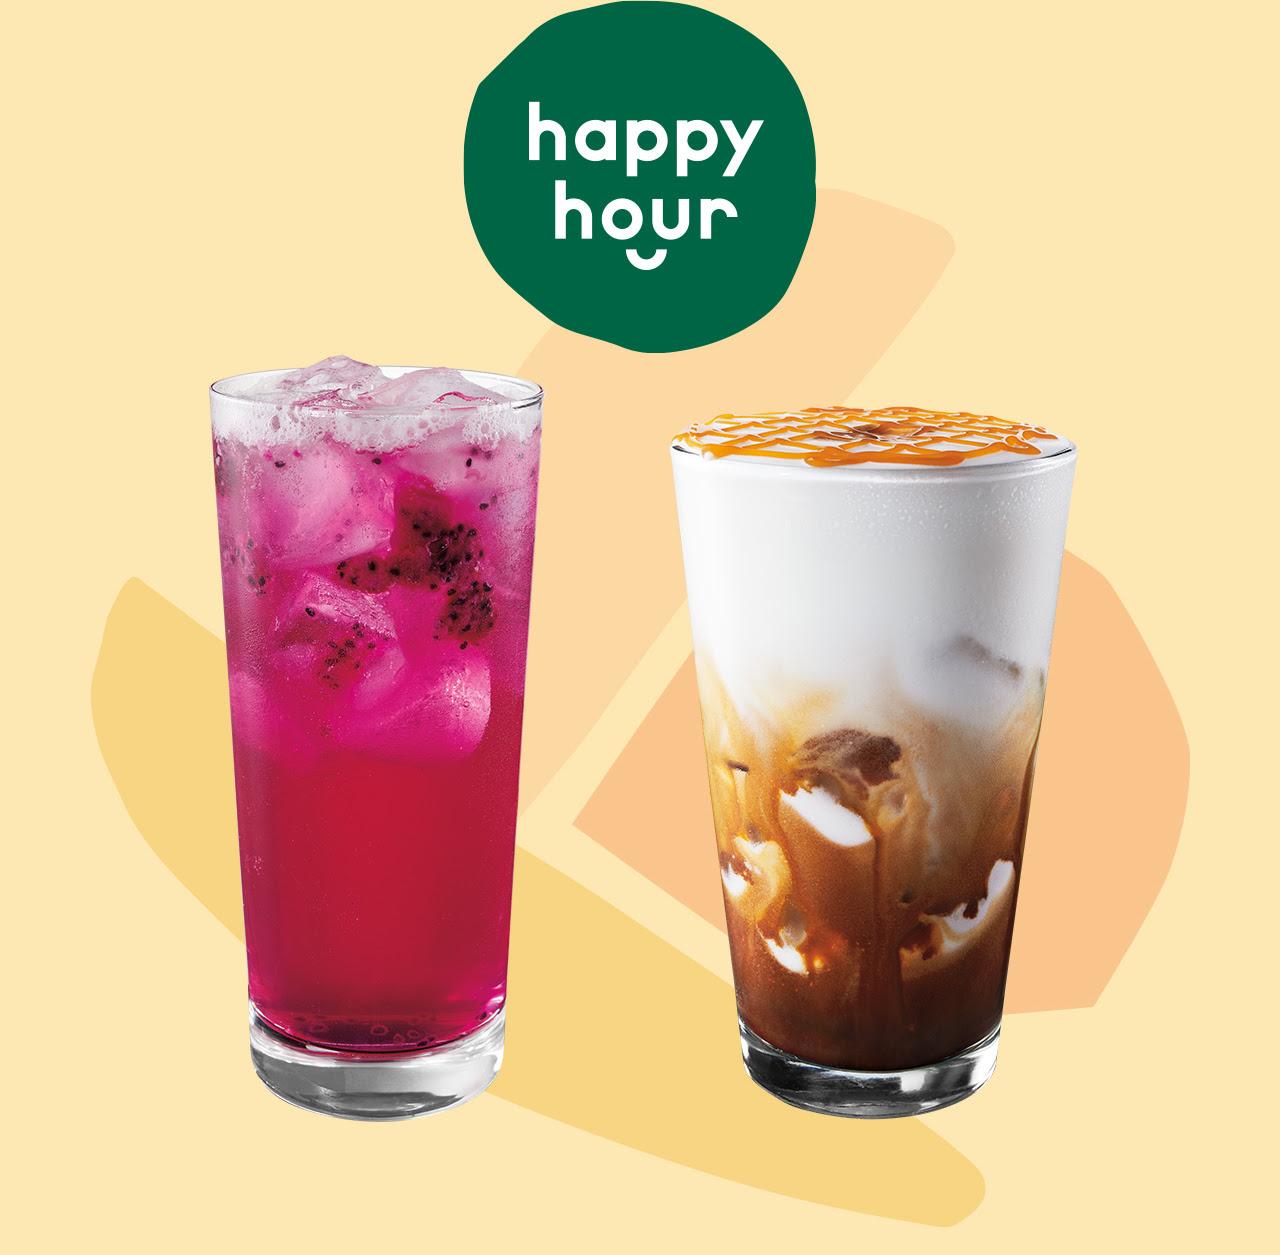 Starbucks Rewards Members: Any Iced Beverage (Grande or